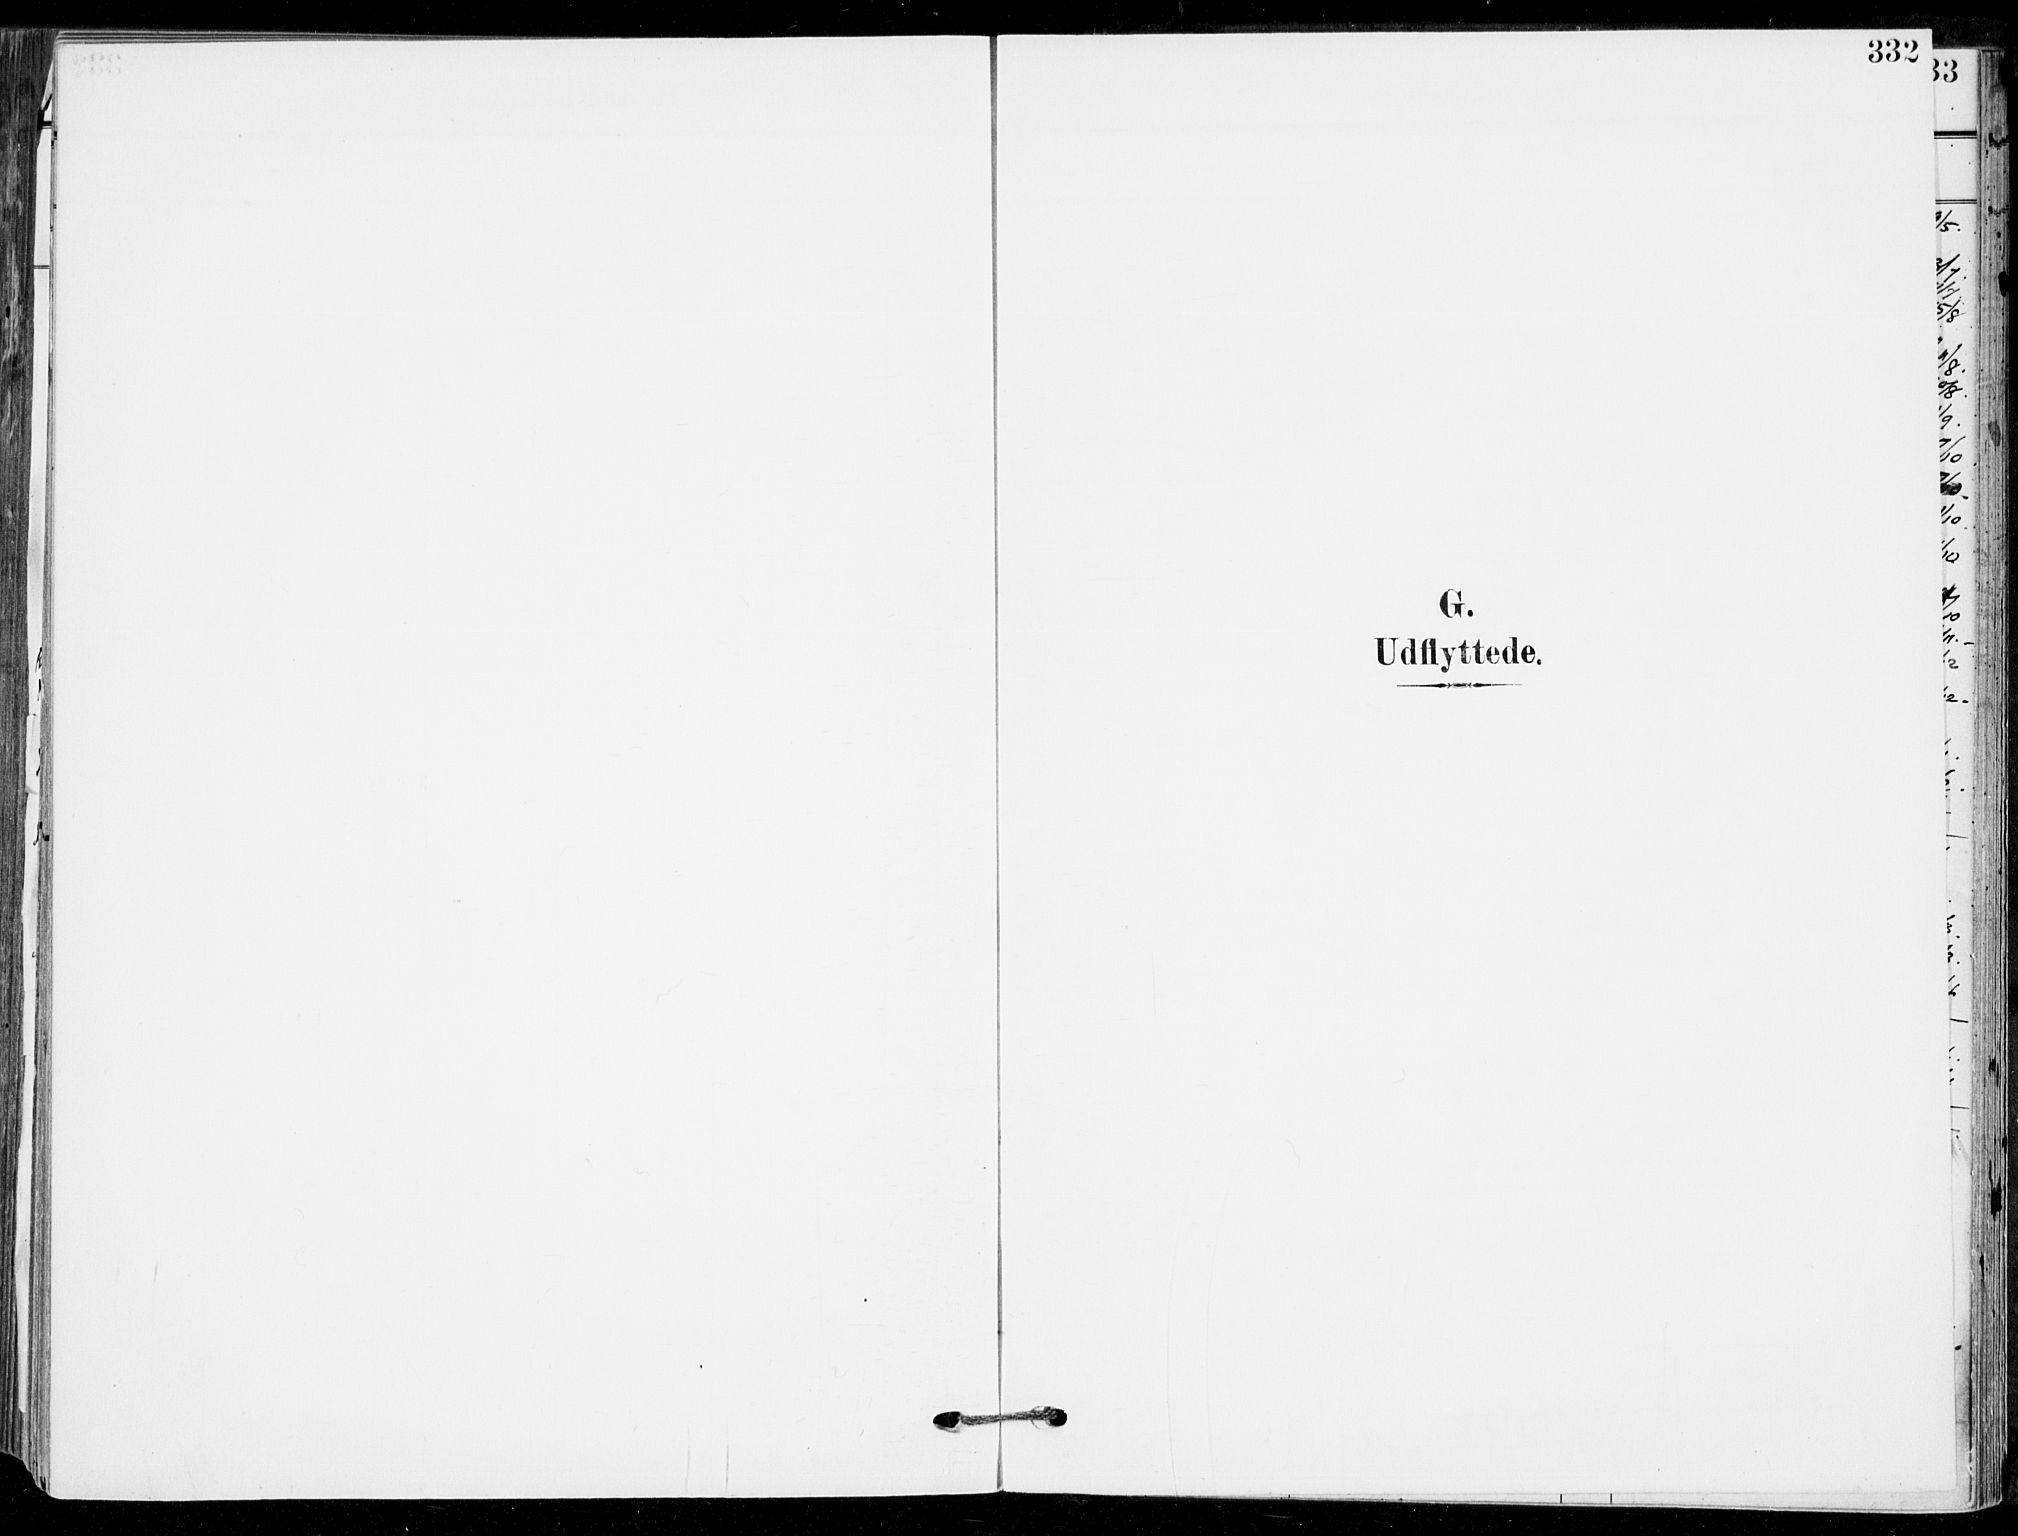 SAKO, Sande Kirkebøker, F/Fa/L0008: Ministerialbok nr. 8, 1904-1921, s. 332